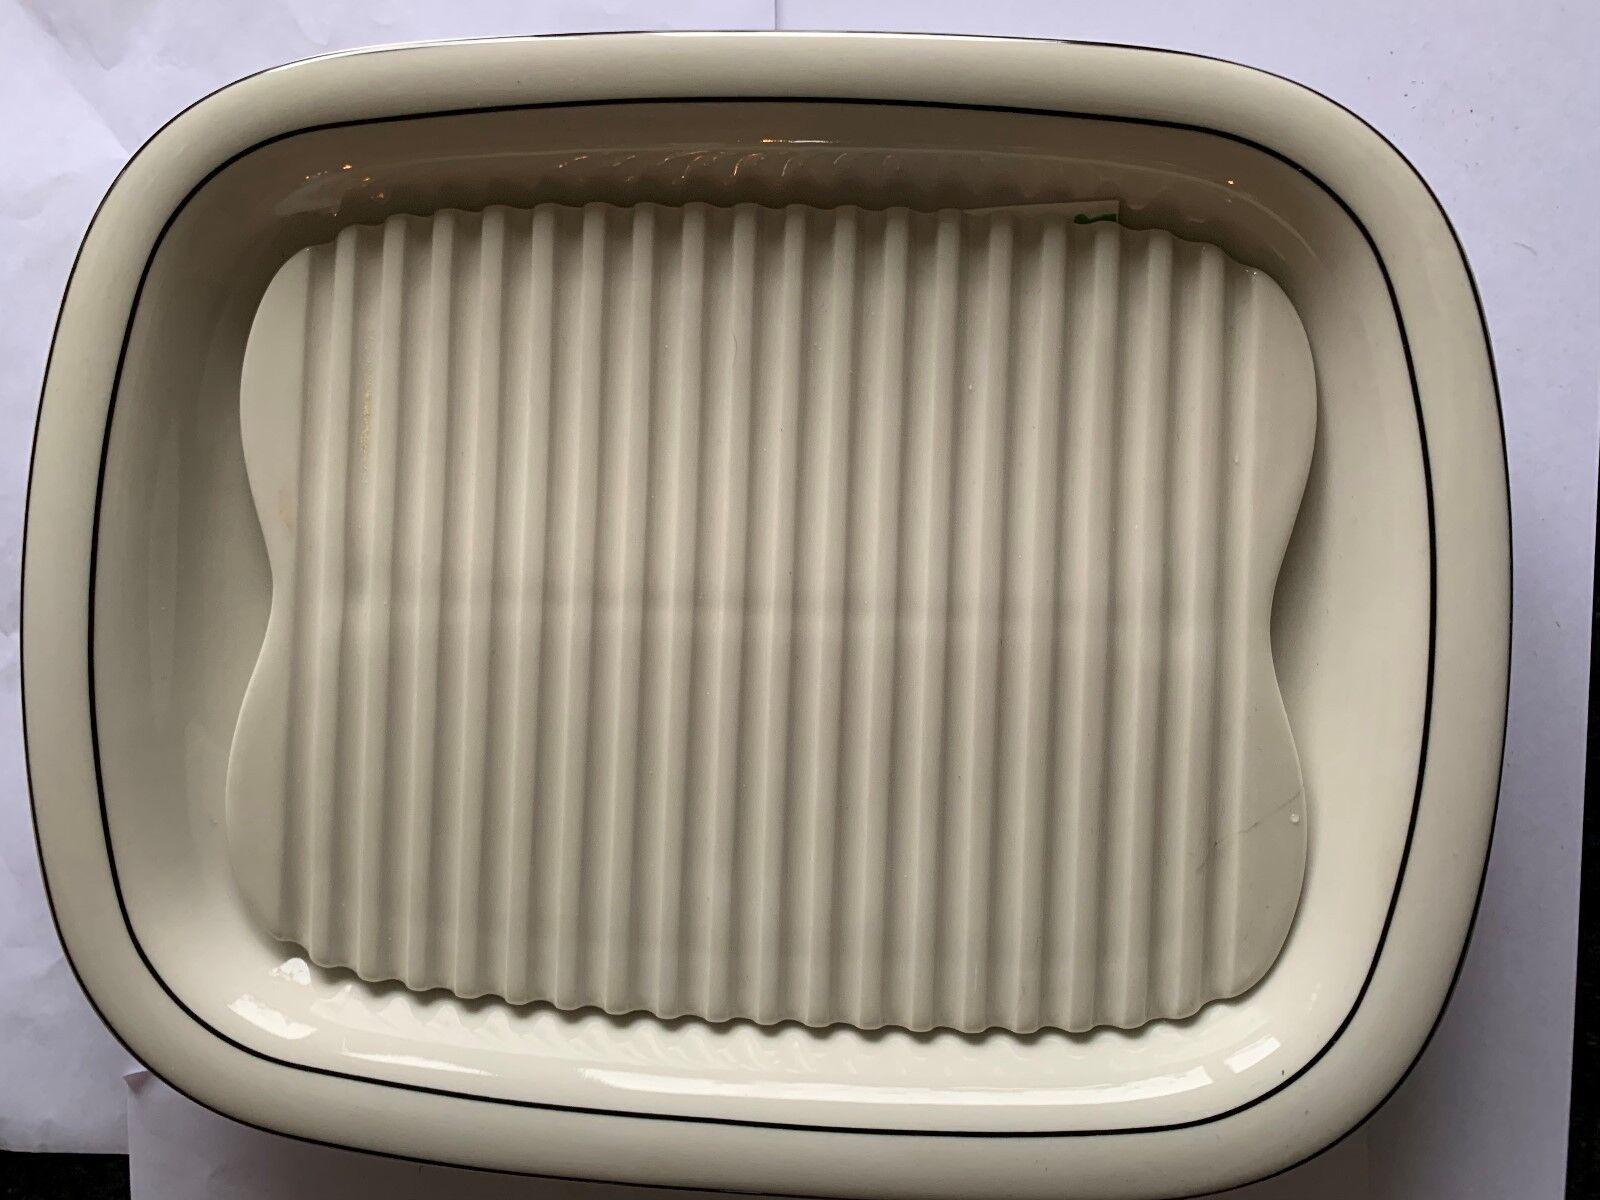 Goebel Fleischplatte   Servierplatte mit Einsatz für Spargel 31,5 31,5 31,5 x 24,5 cm | Nicht so teuer  fffeb9